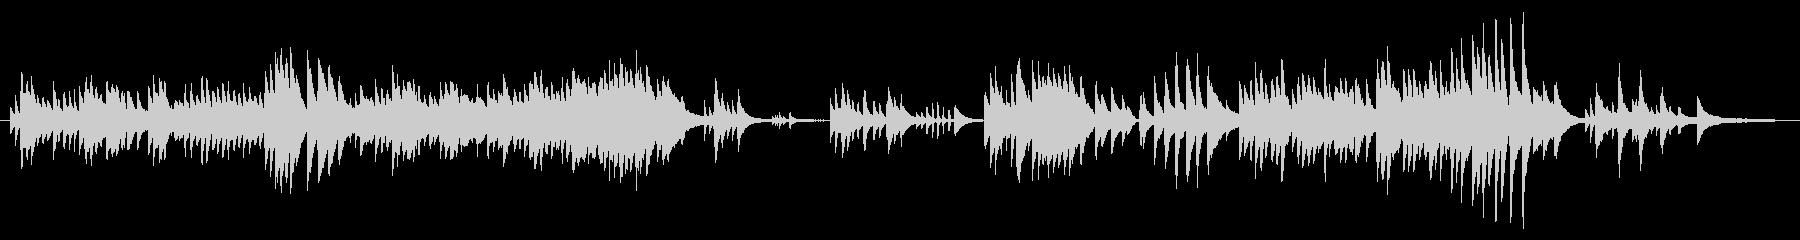 心安らぐピアノソロの未再生の波形